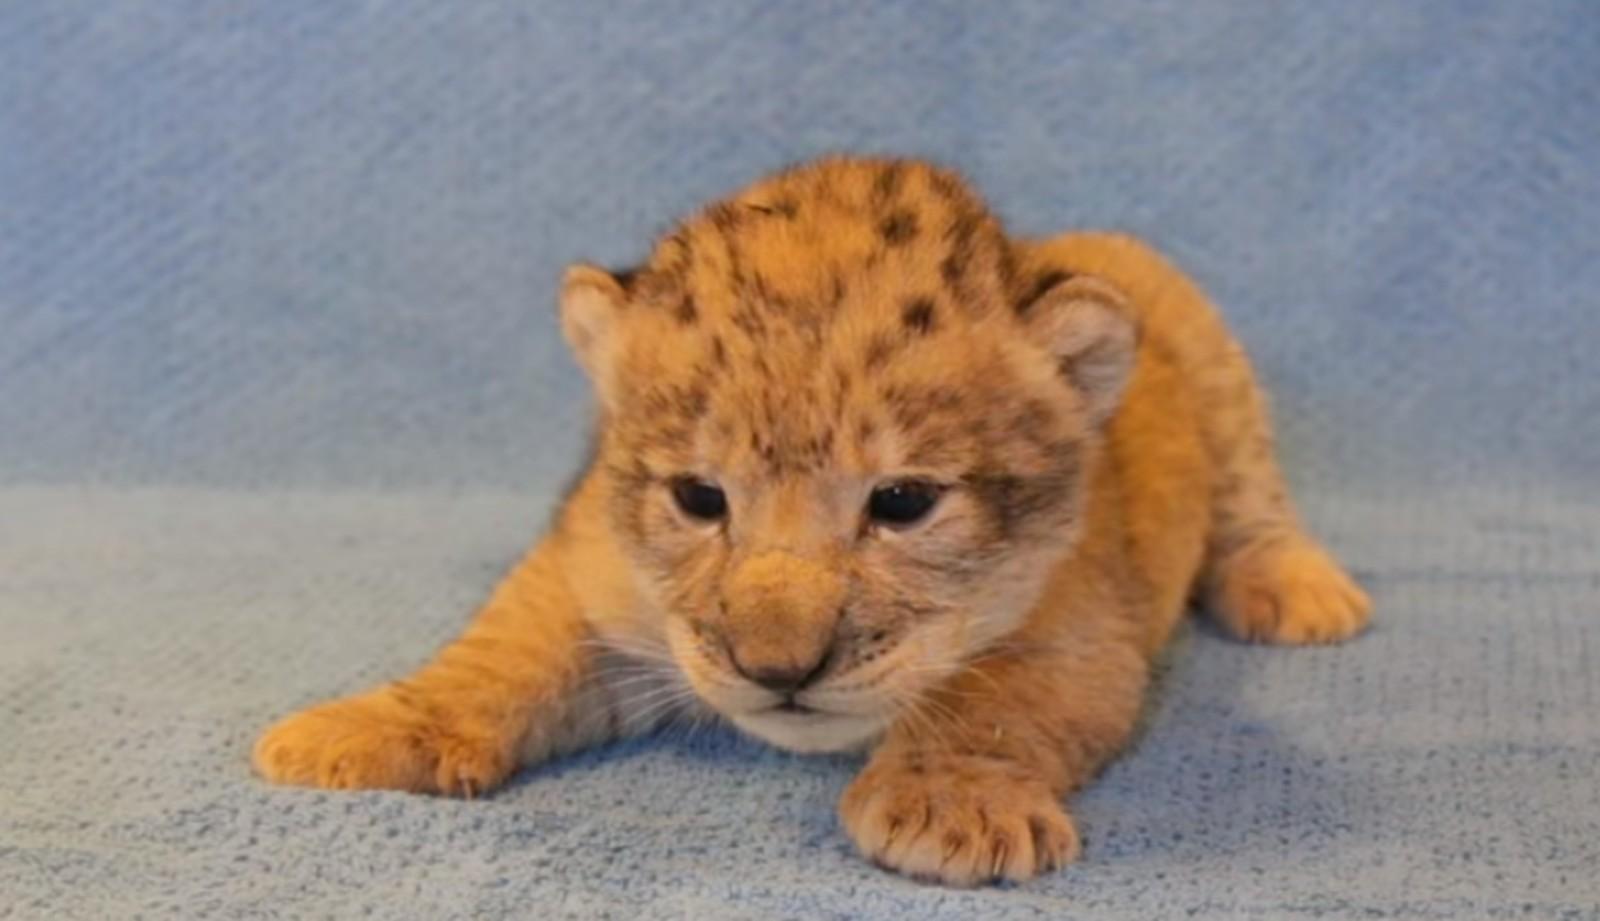 Esse foi o pequeno filhote de leão que inspirou Simba no filme live-action